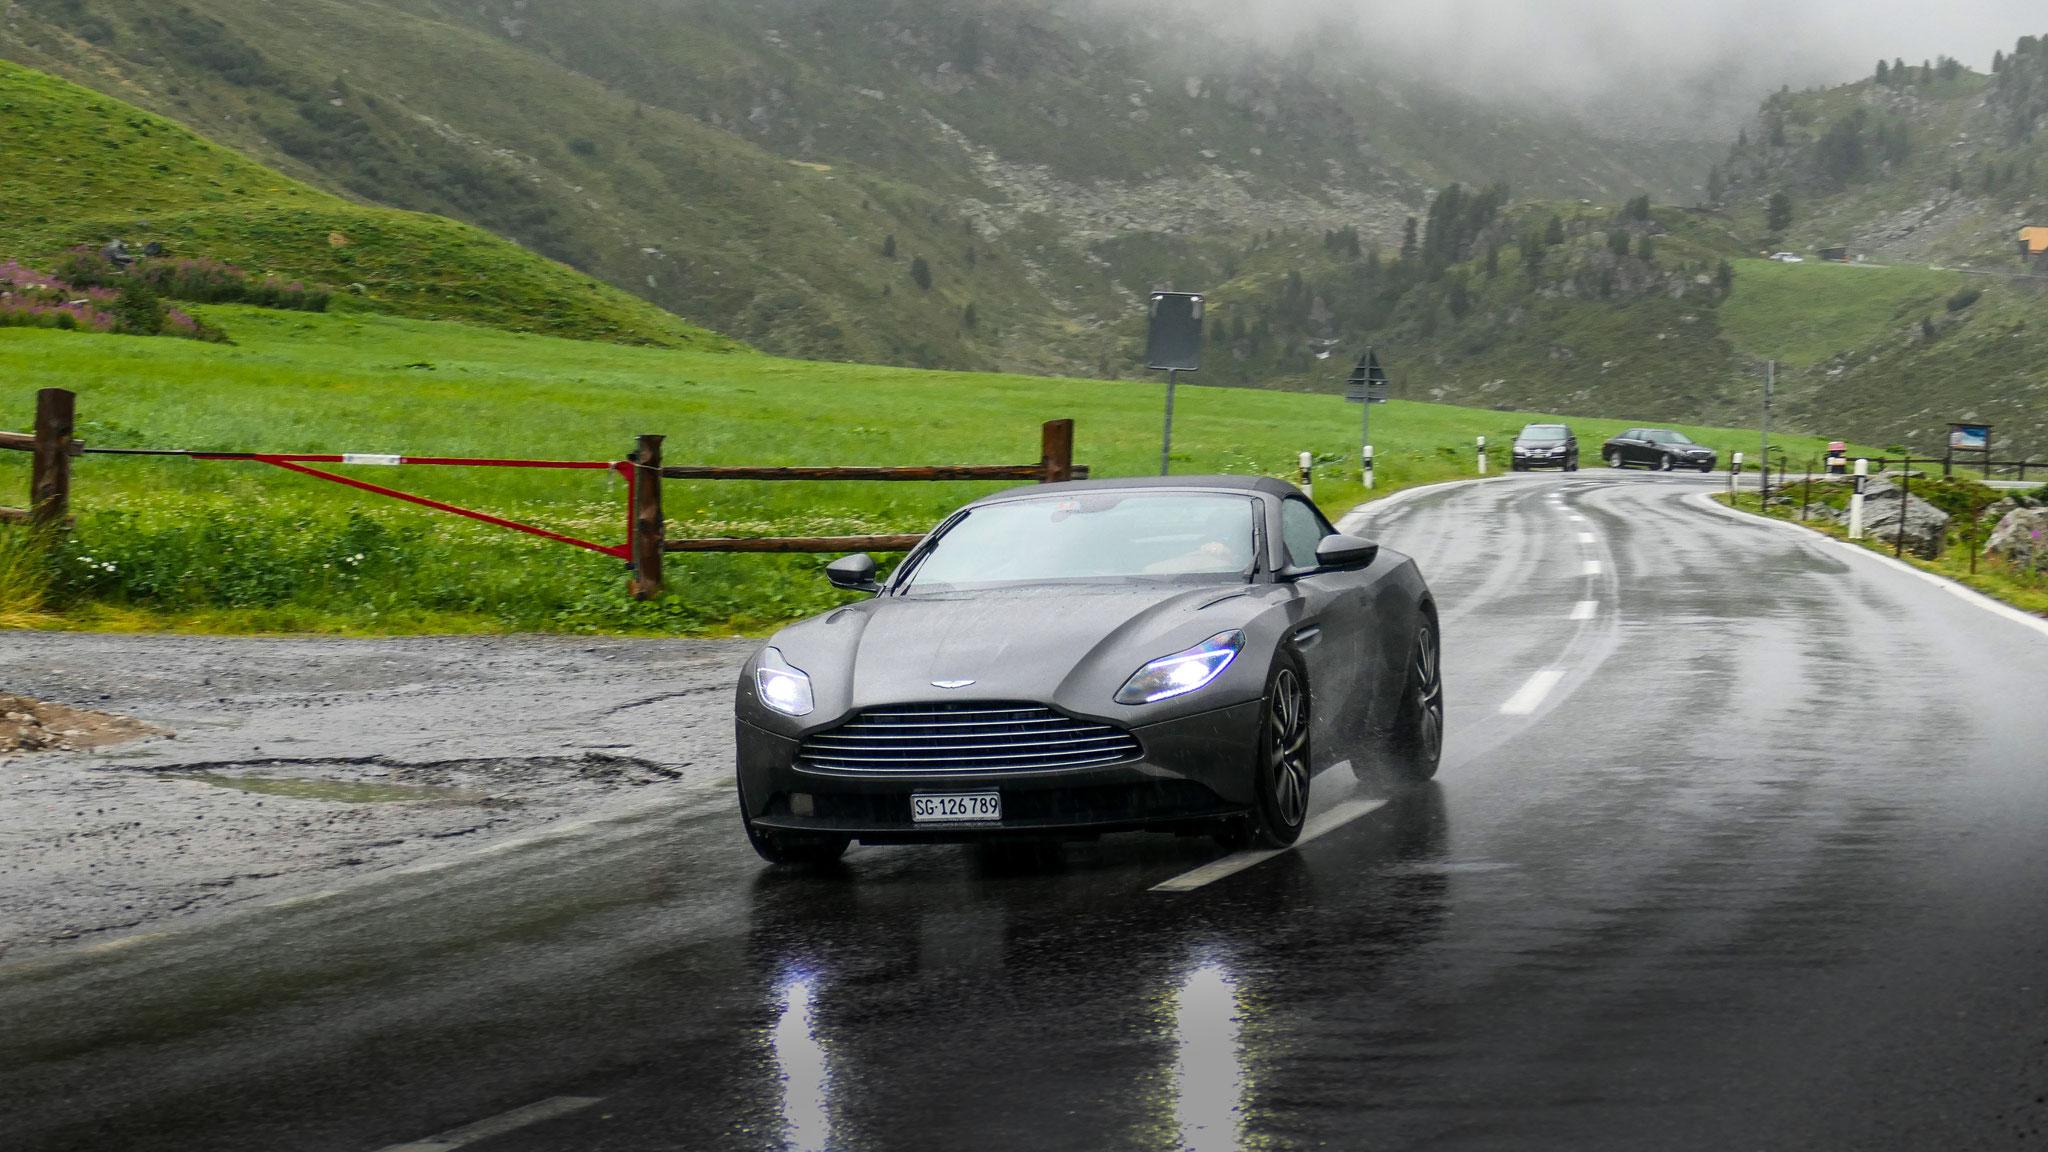 Aston Martin DB11 - SG-126789 (CH)